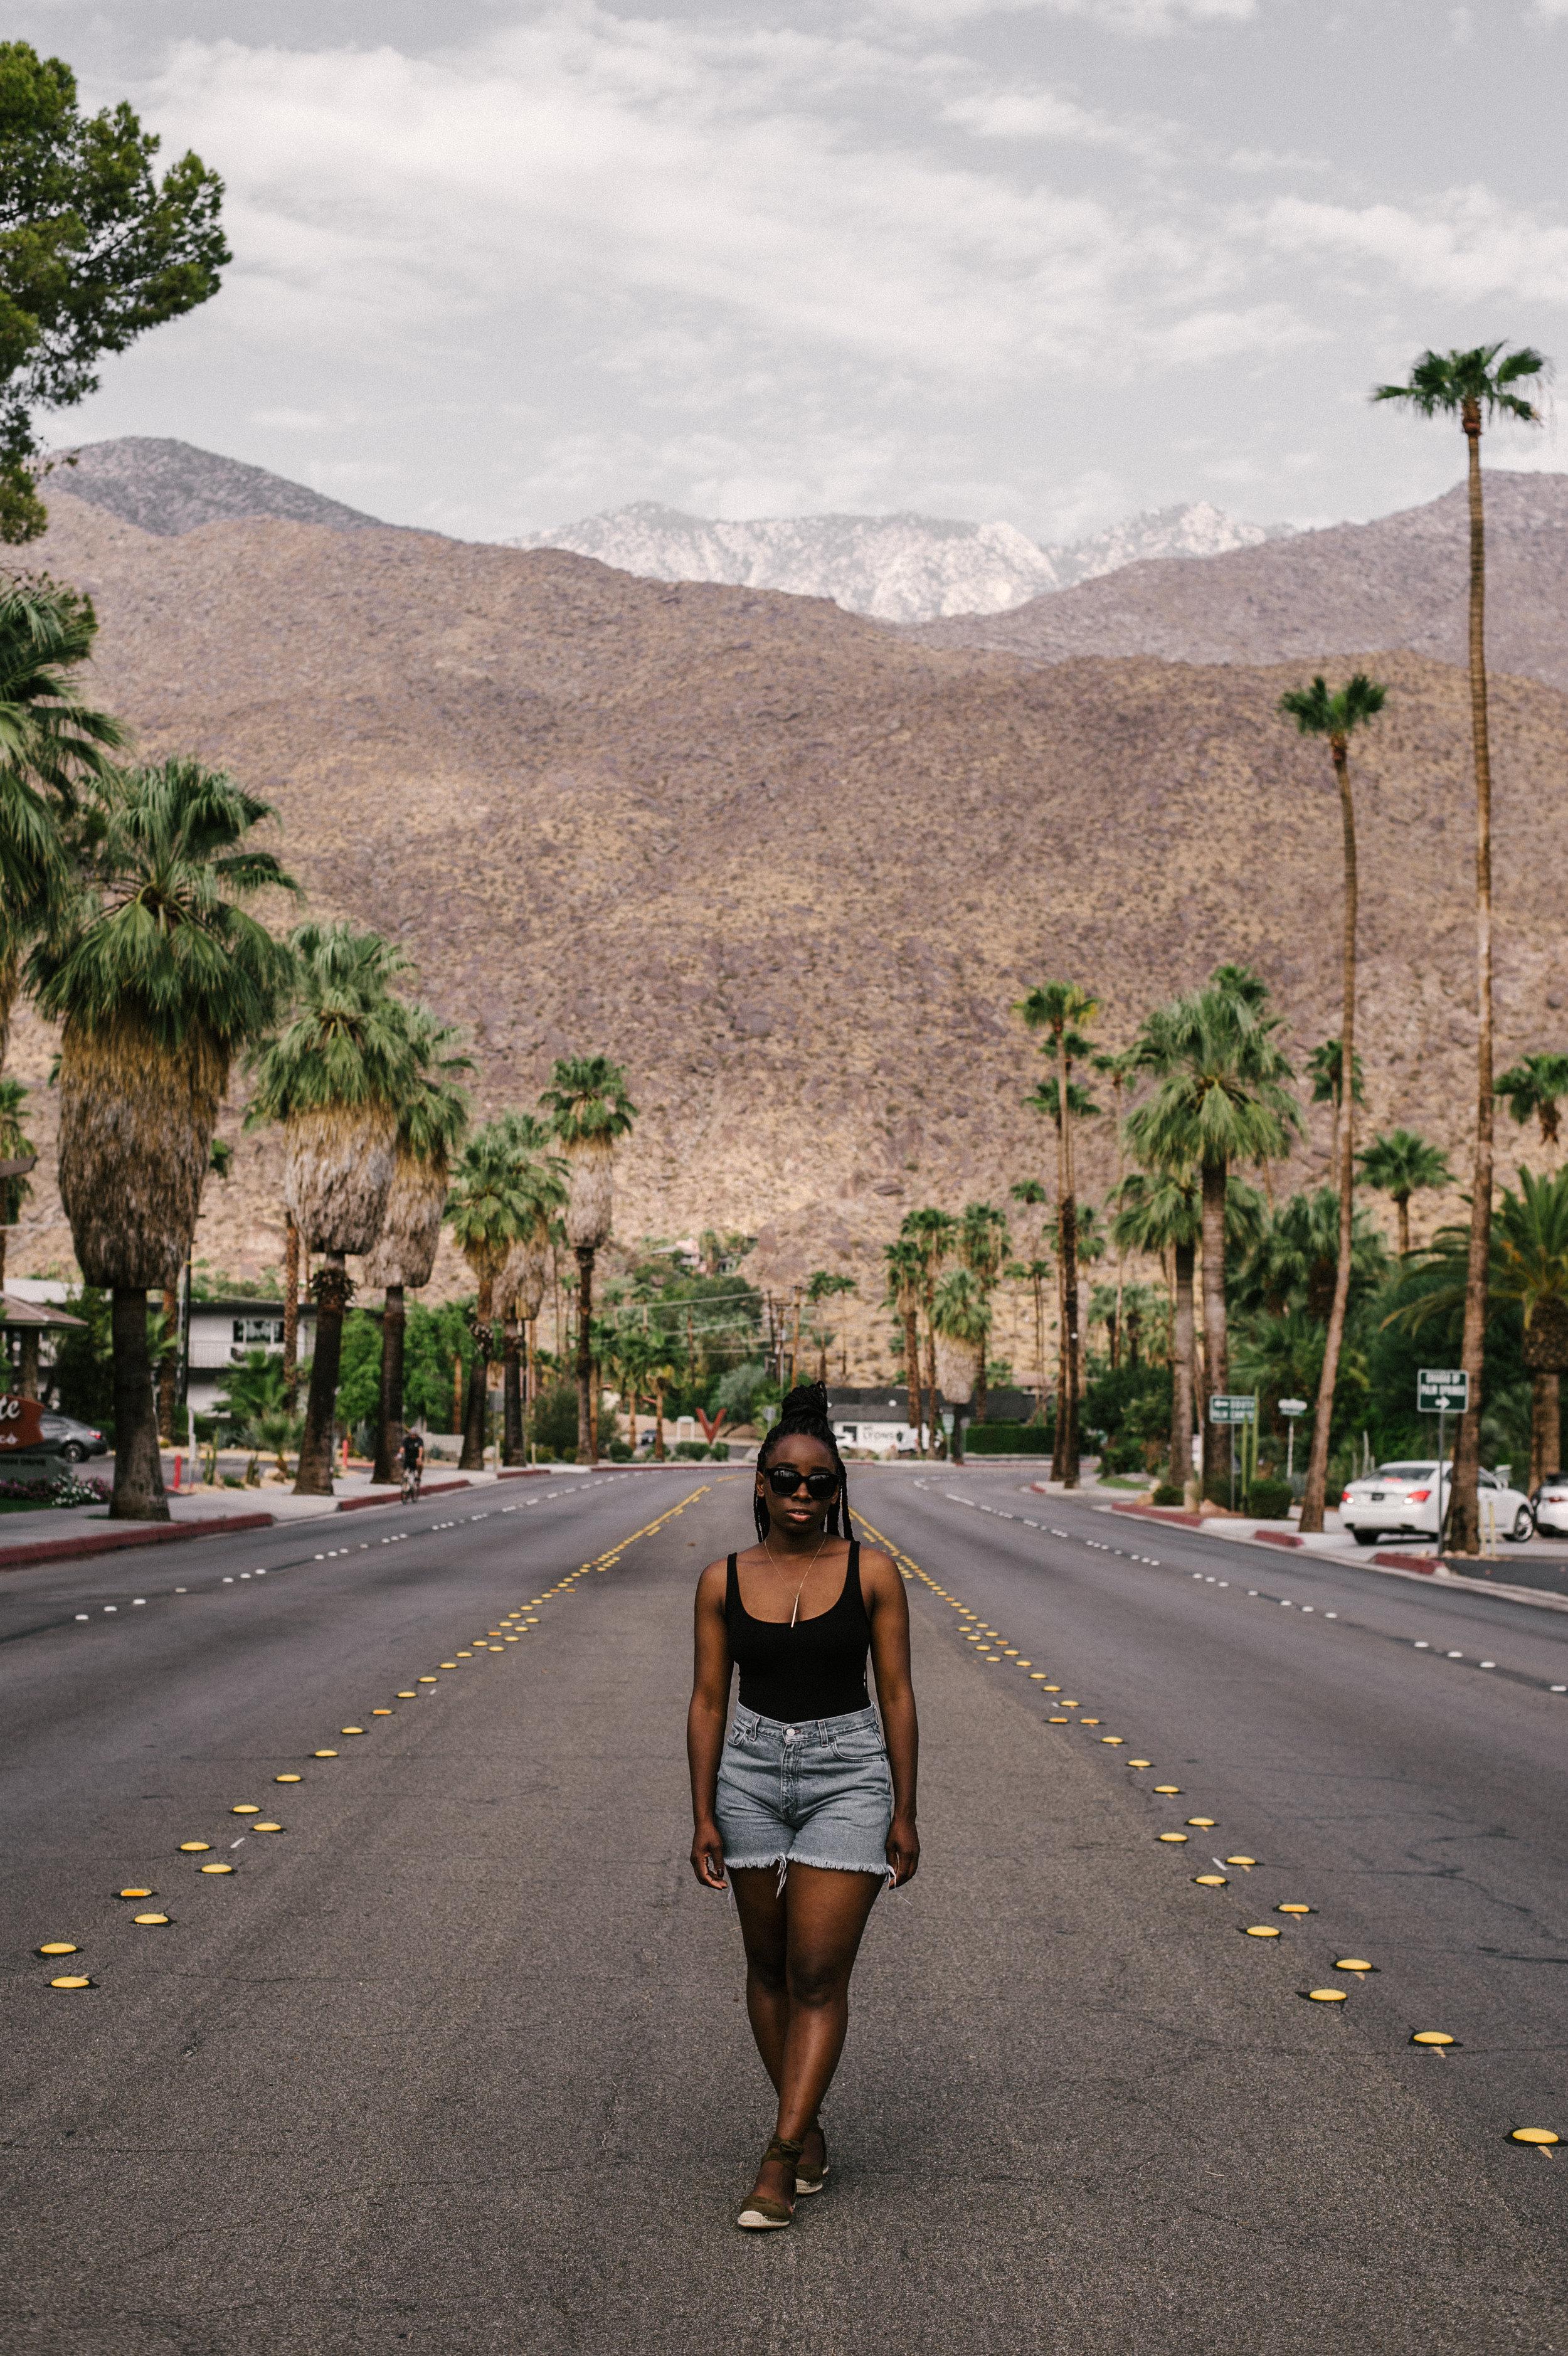 The-Glossier-Palm-Springs-CA-68.jpg